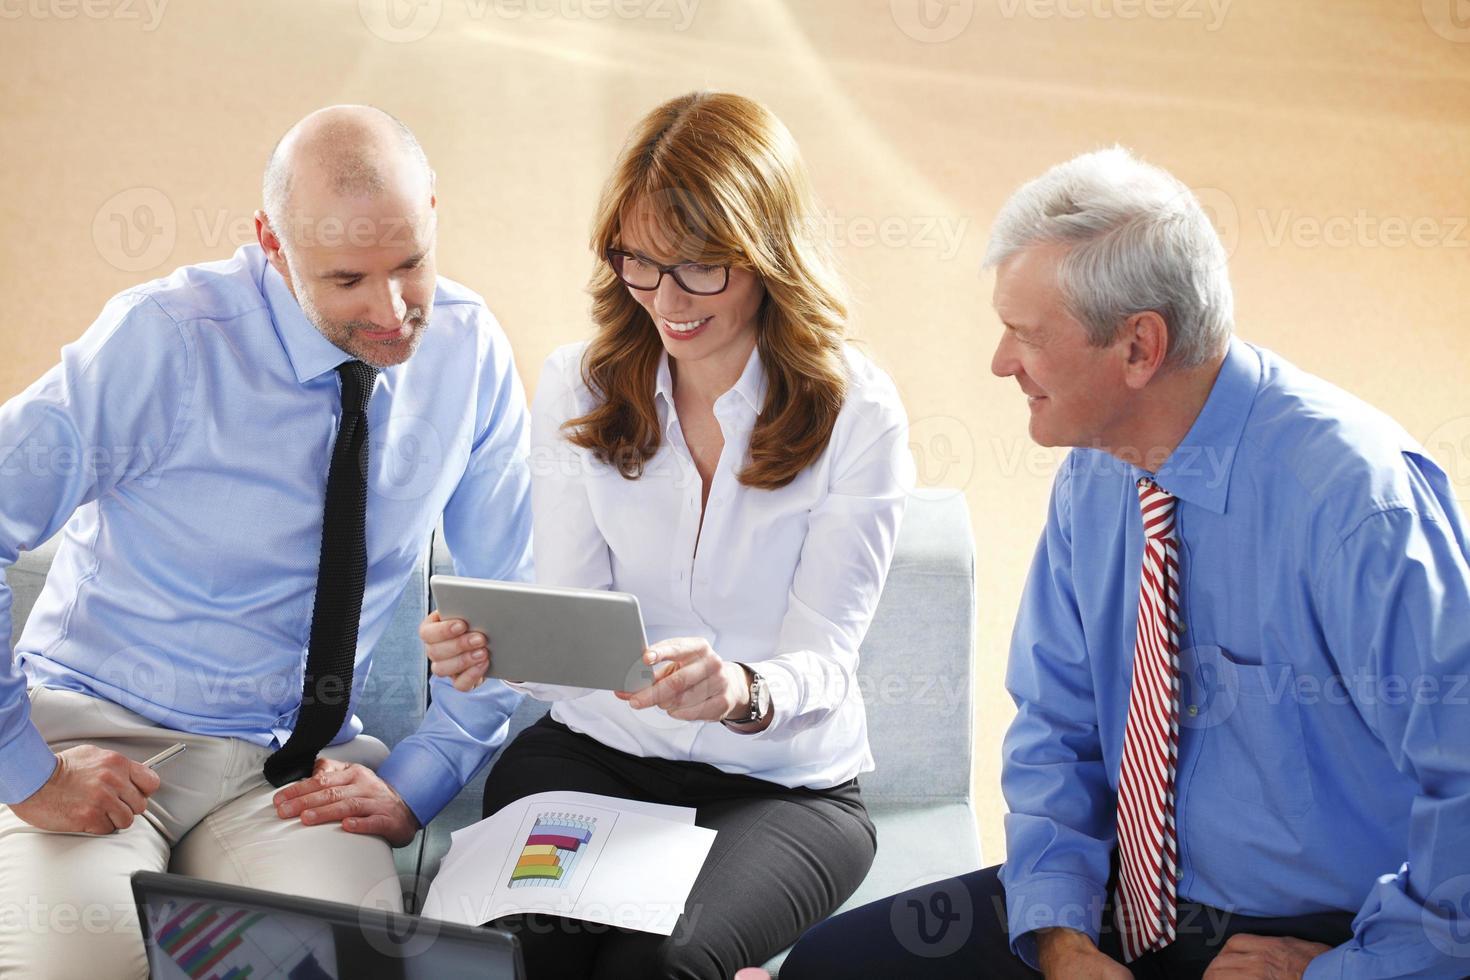 commercieel team op het werk foto